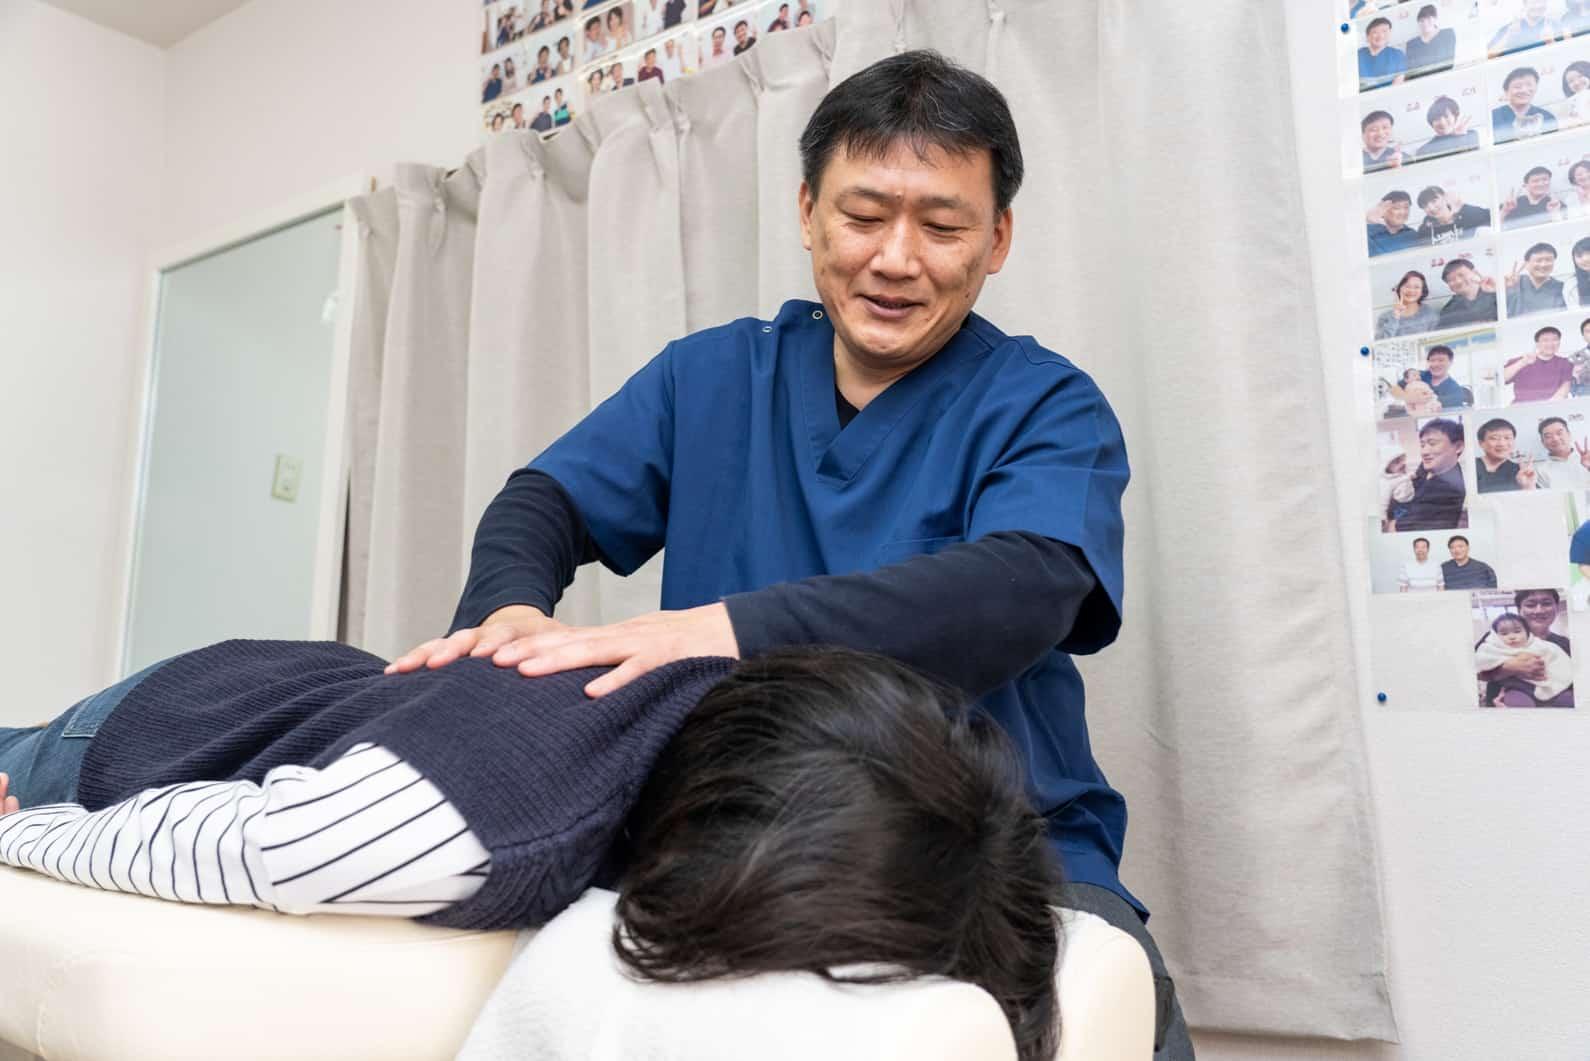 痛みのないやさしい整体であなたの症状を根本改善していきます